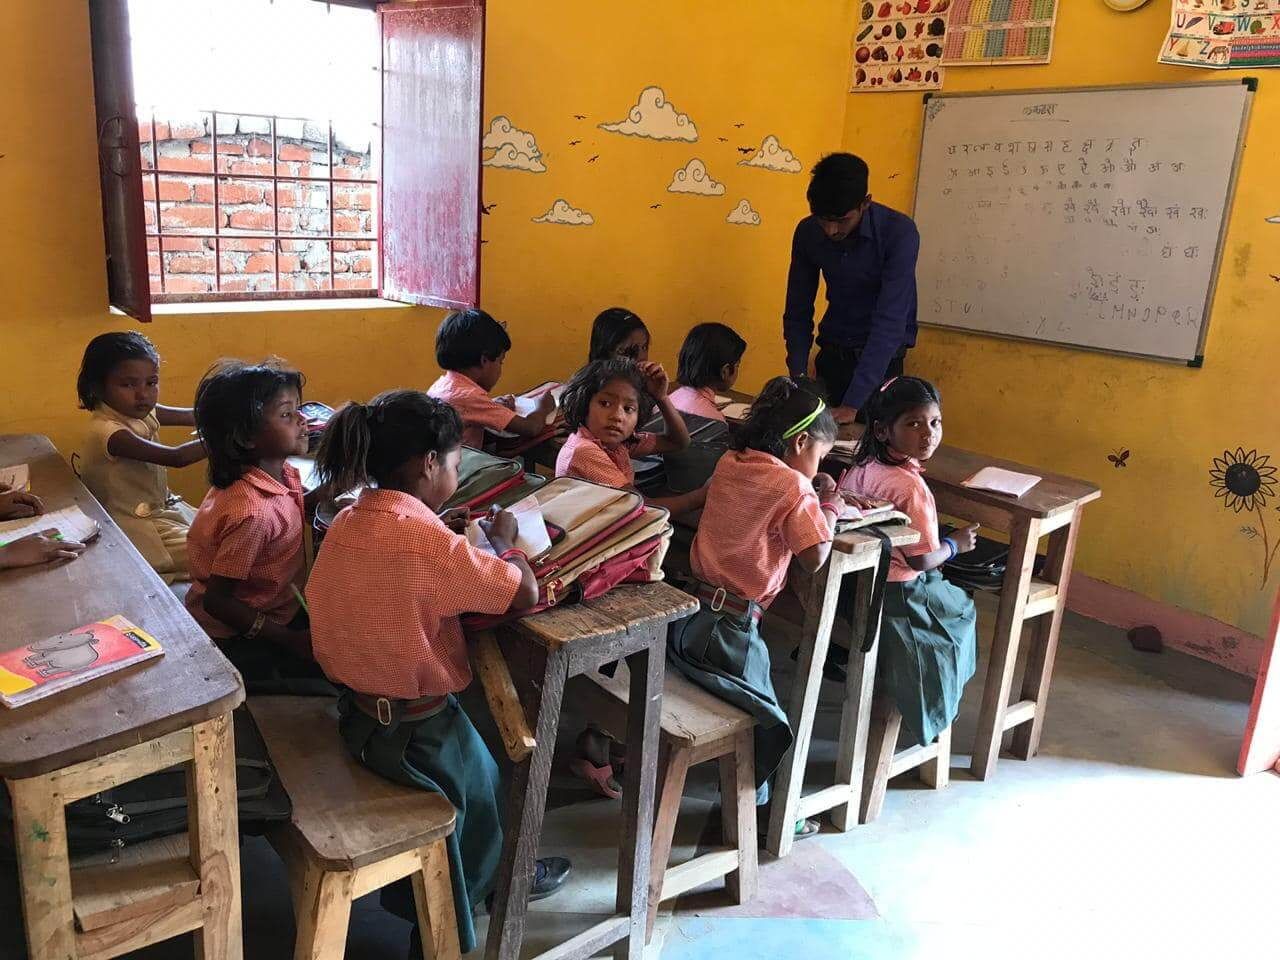 哈尔菩提伽耶的非政府组织小学